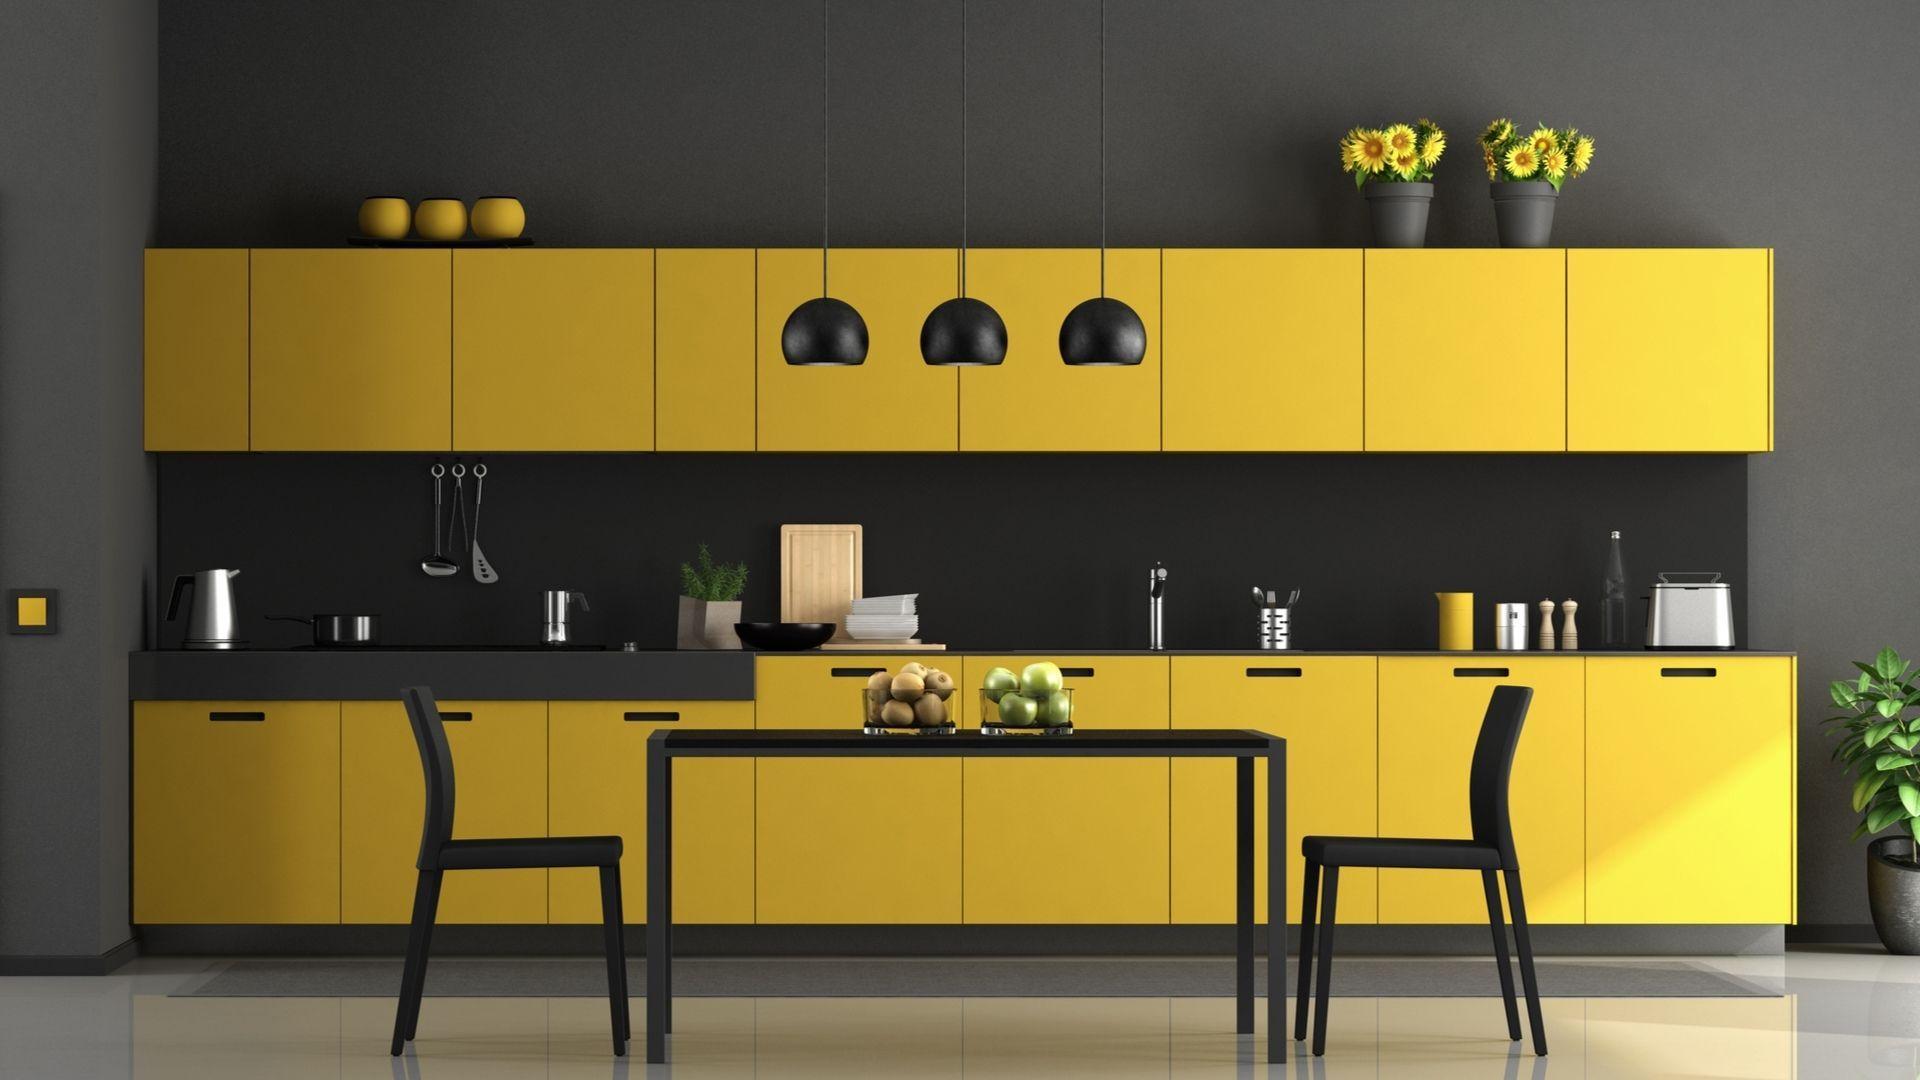 O amarelo oferece um contraste marcante a cozinha que possui, também, a cor preta. (Imagem: Divulgação/Shutterstock)